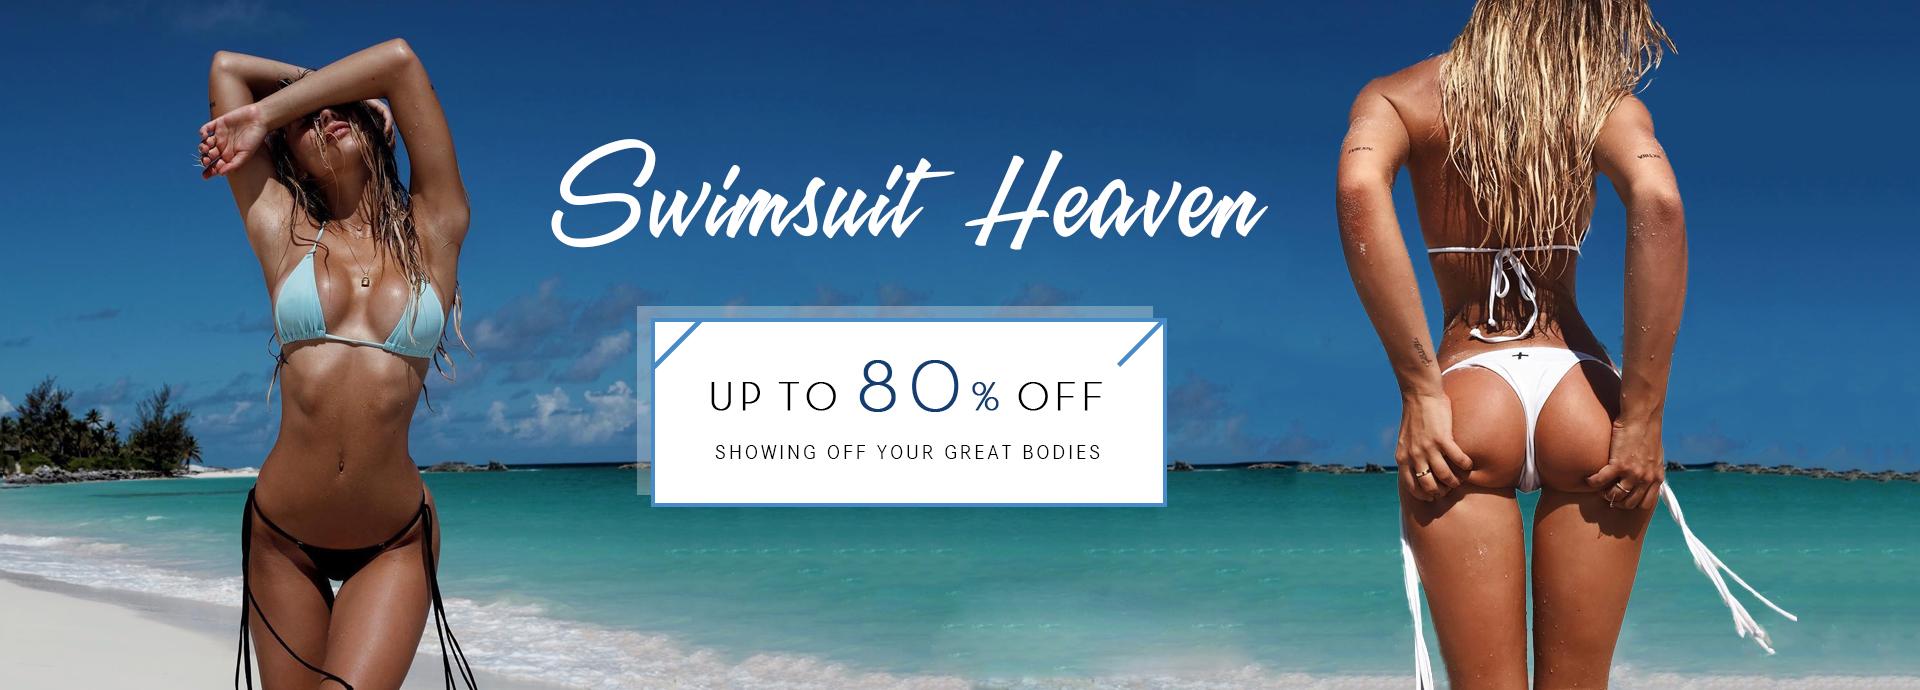 Swimsuit Heaven